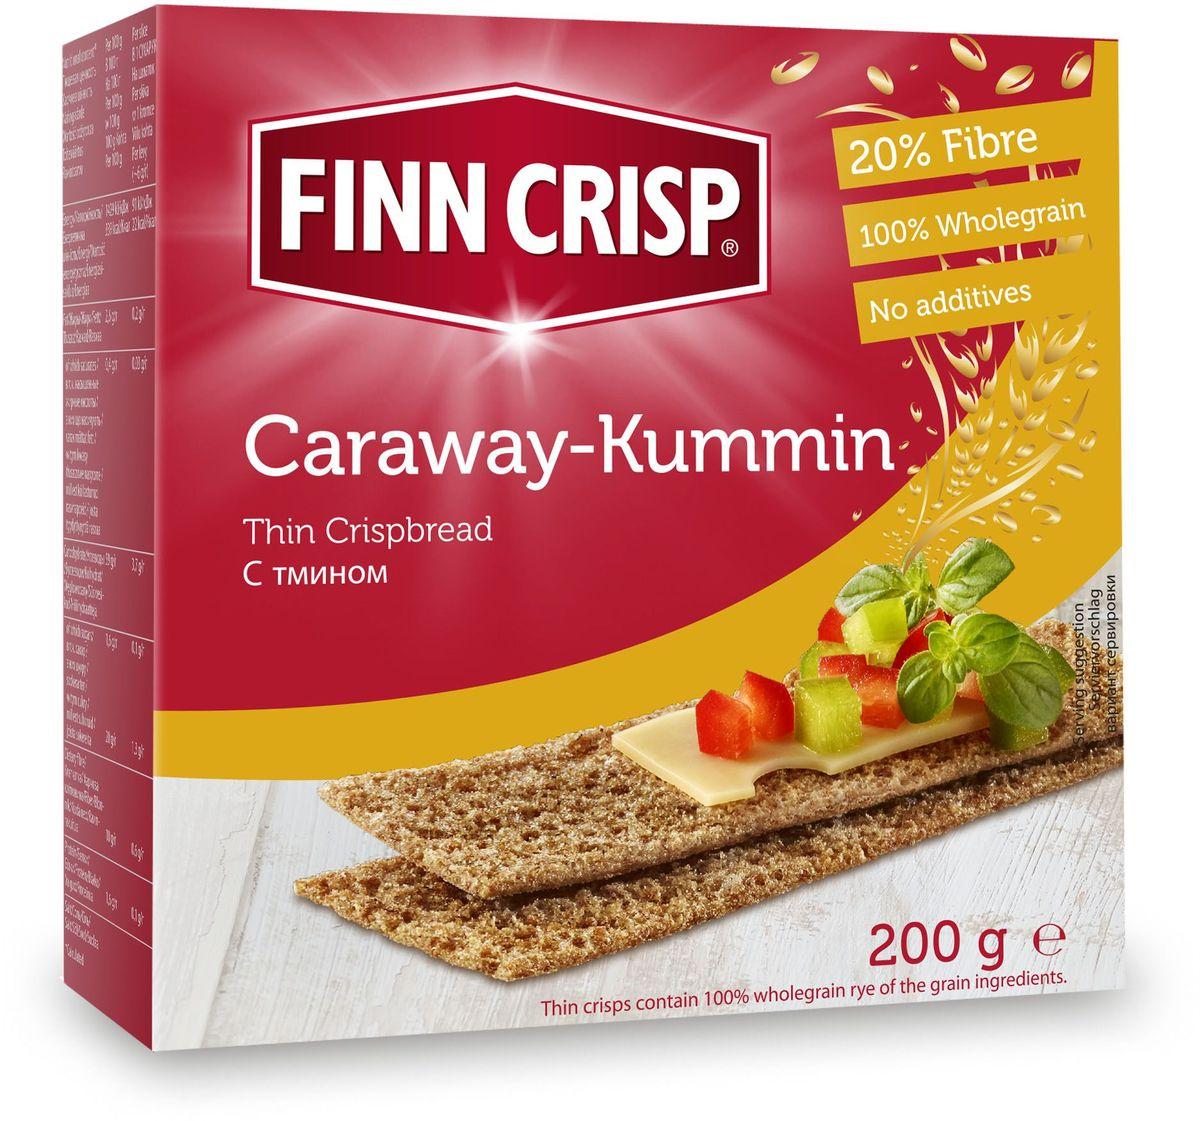 Finn Crisp Caraway хлебцы с тмином, 200 г20211В 1952 году началось производство сухариков FINN CRISP (ФИНН КРИСП), когда стартовали Олимпийские Игры в Хельсинки (Финляндия).Многие годы натуральные ржаные сухарики FINN CRISP отражают дух Финляндии для миллионов покупателей по всему миру, заботящихся о здоровом питании. Высушивать хлеб - давняя финская традиция и FINN CRISP до сих пор придерживаются этой традиции создавая хлебцы по старому классическому финскому рецепту.Бренд FINN CRISP принадлежит компании VAASAN Group's.VAASAN - это крупнейшая хлебопекарная компания в Балтийском регионе со столетней историей, занимающаяся производством продукции для правильного и здорового питания. Занимающая второе место по производству сухариков и хлебцев, а её продукция экспортируются в более чем 50 государств!